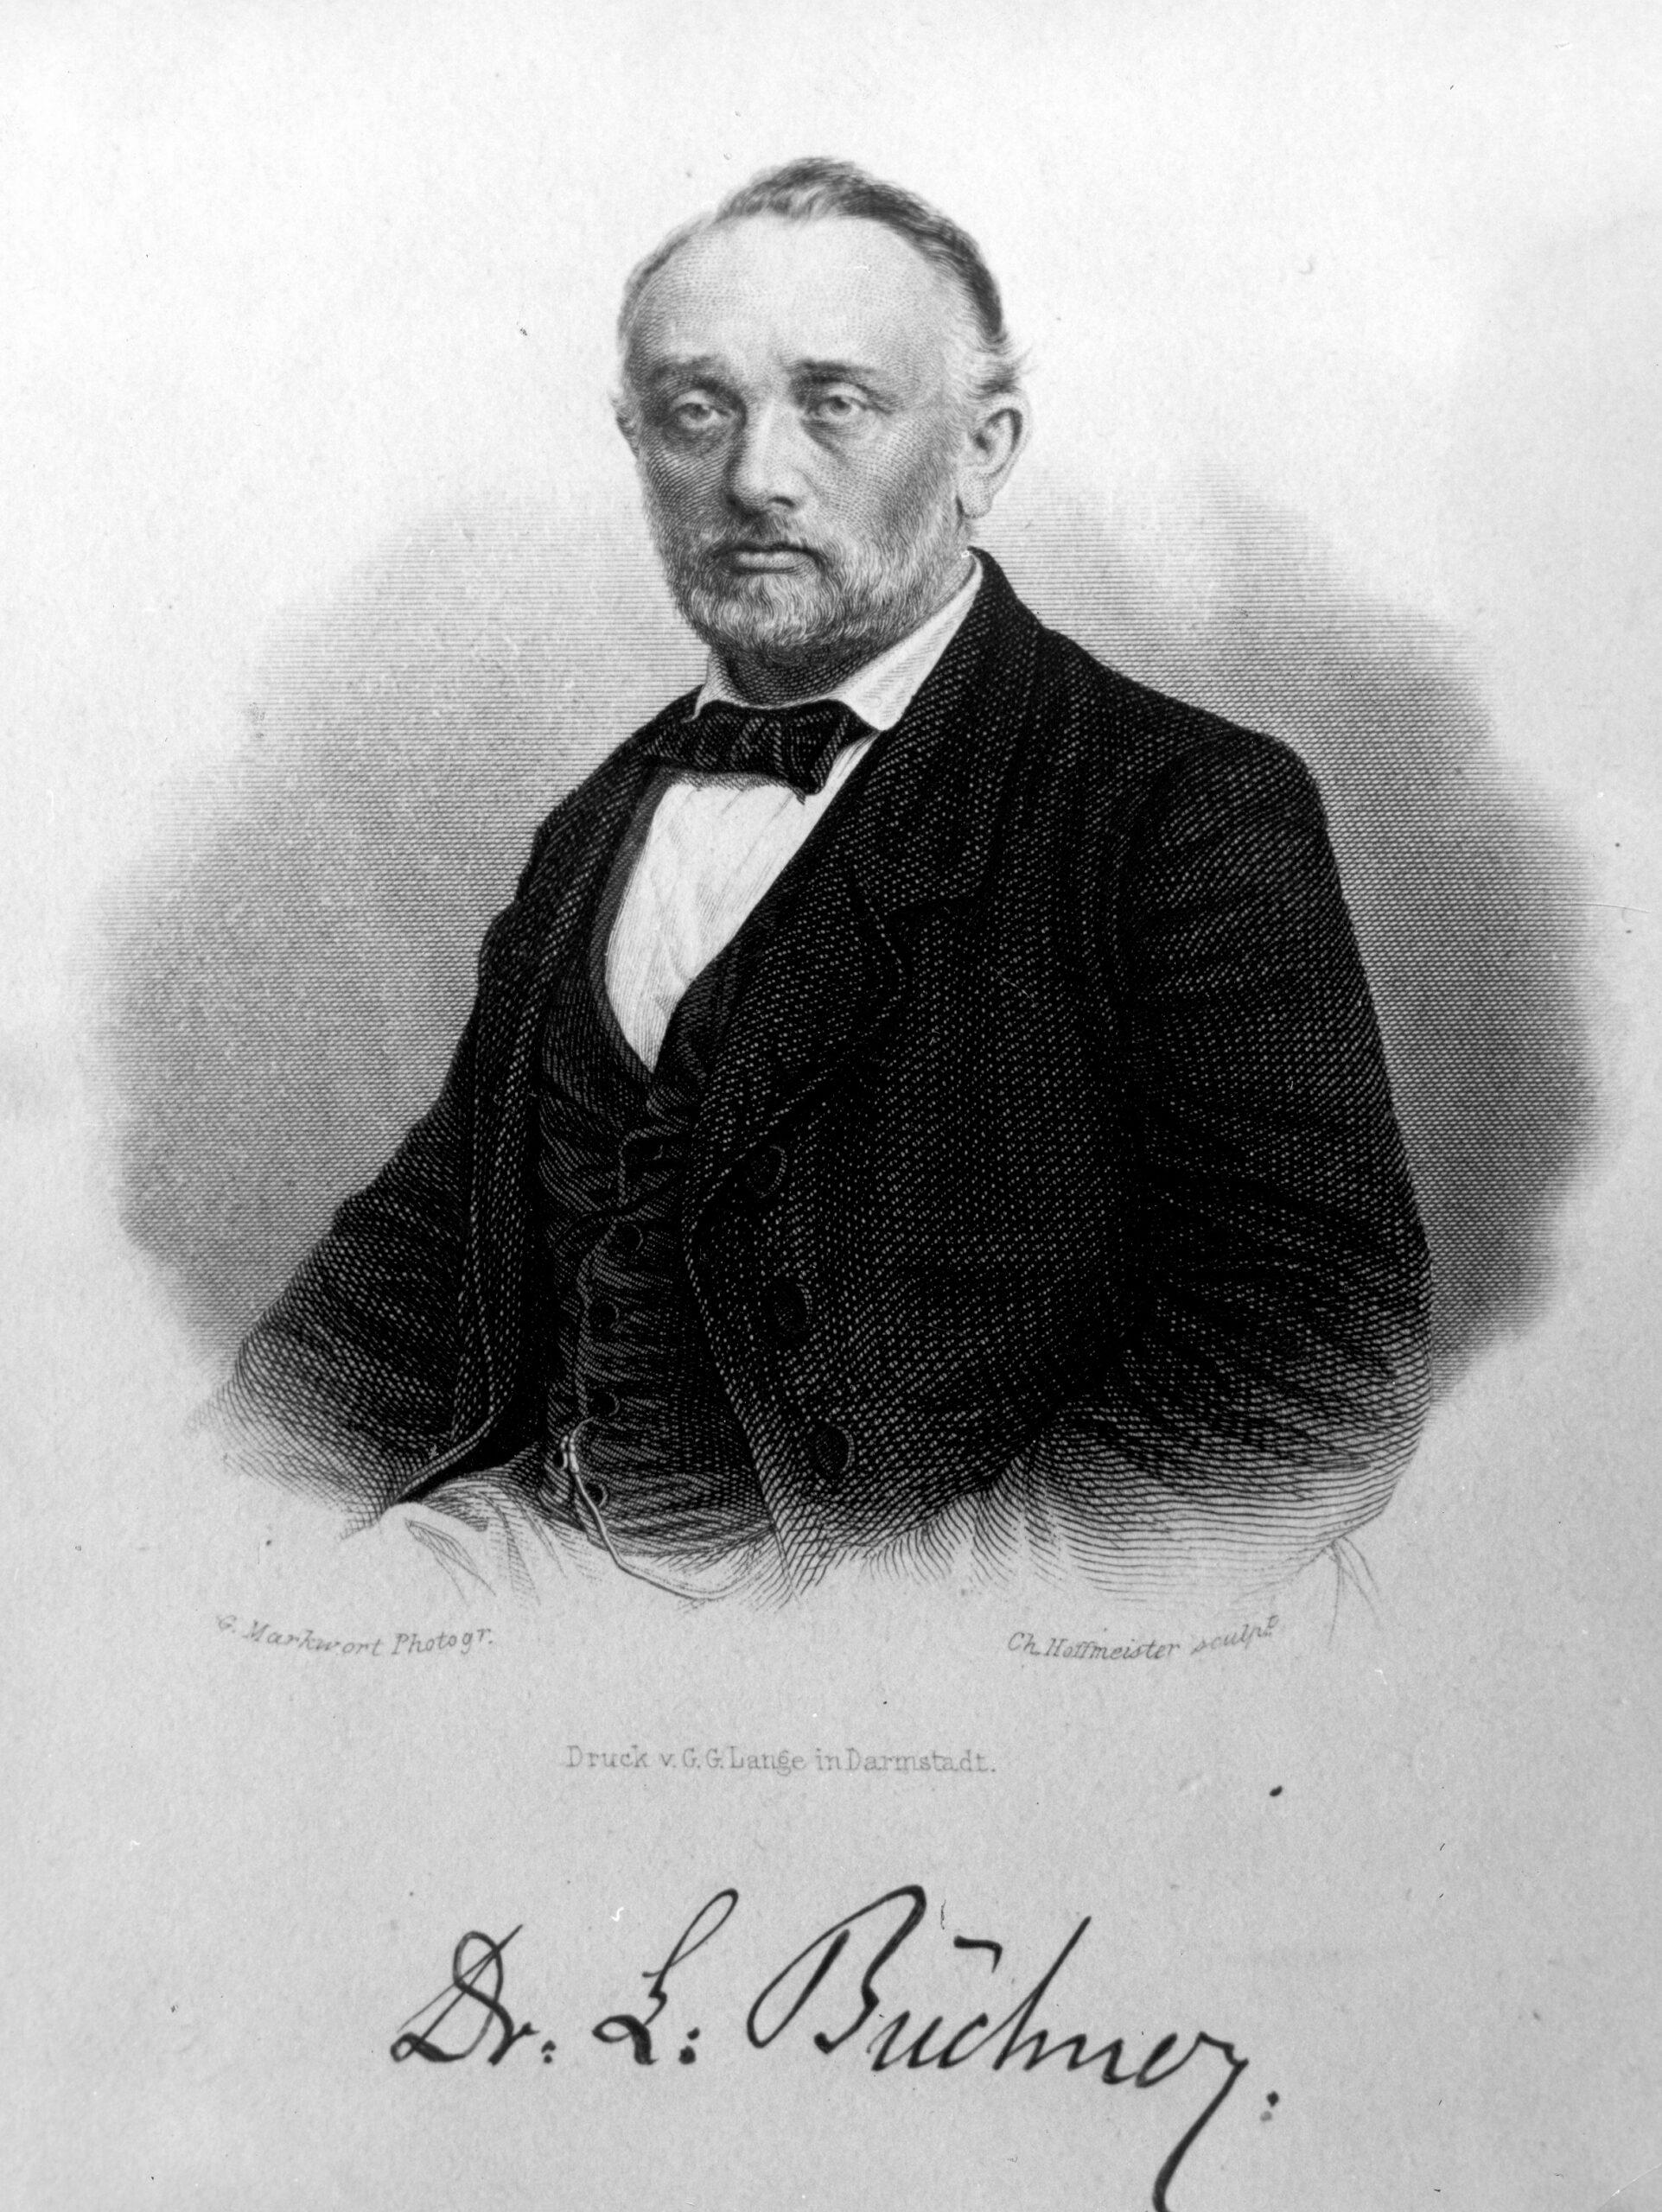 Portrait von Ludwig Büchner, der den Betrachter ansieht, darunter seine Unterschrift